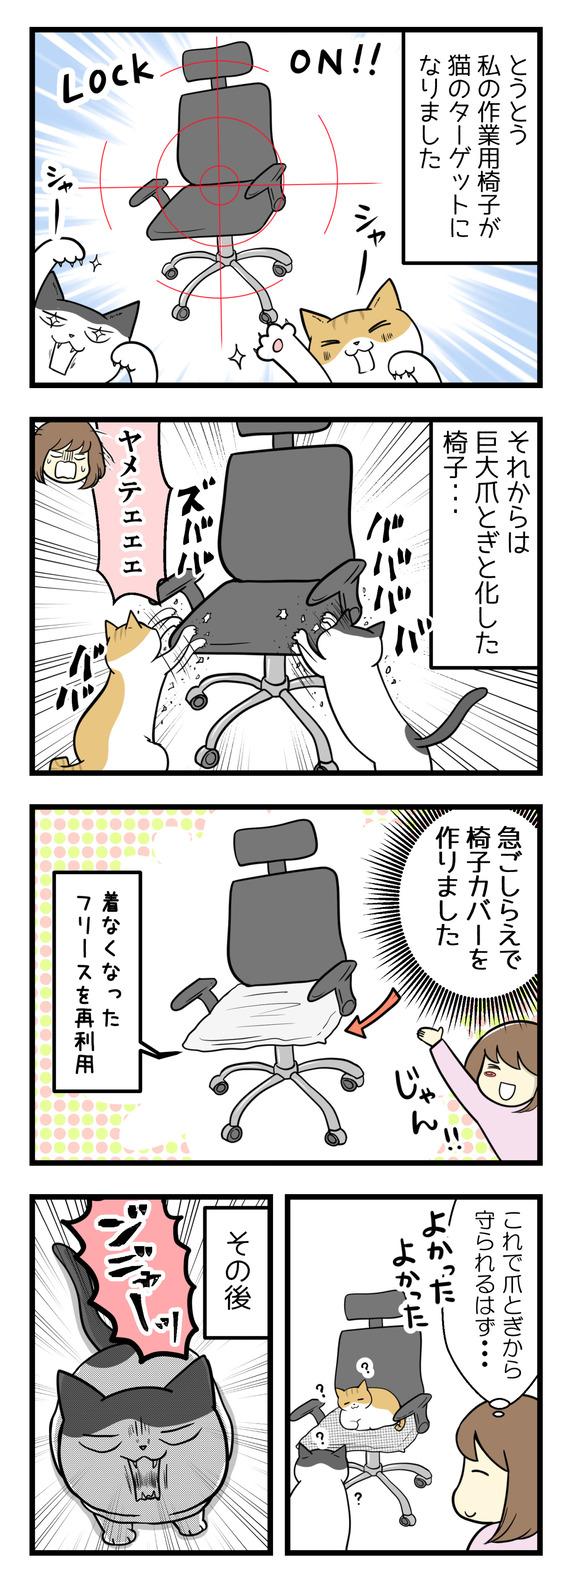 とうとう私の作業用椅子が猫たちのターゲットになりました。それからは巨大爪とぎと化した椅子よ・・・。急ごしらえで椅子カバーを作りました。これで爪とぎから守られる・・・はず。と思っていたら。